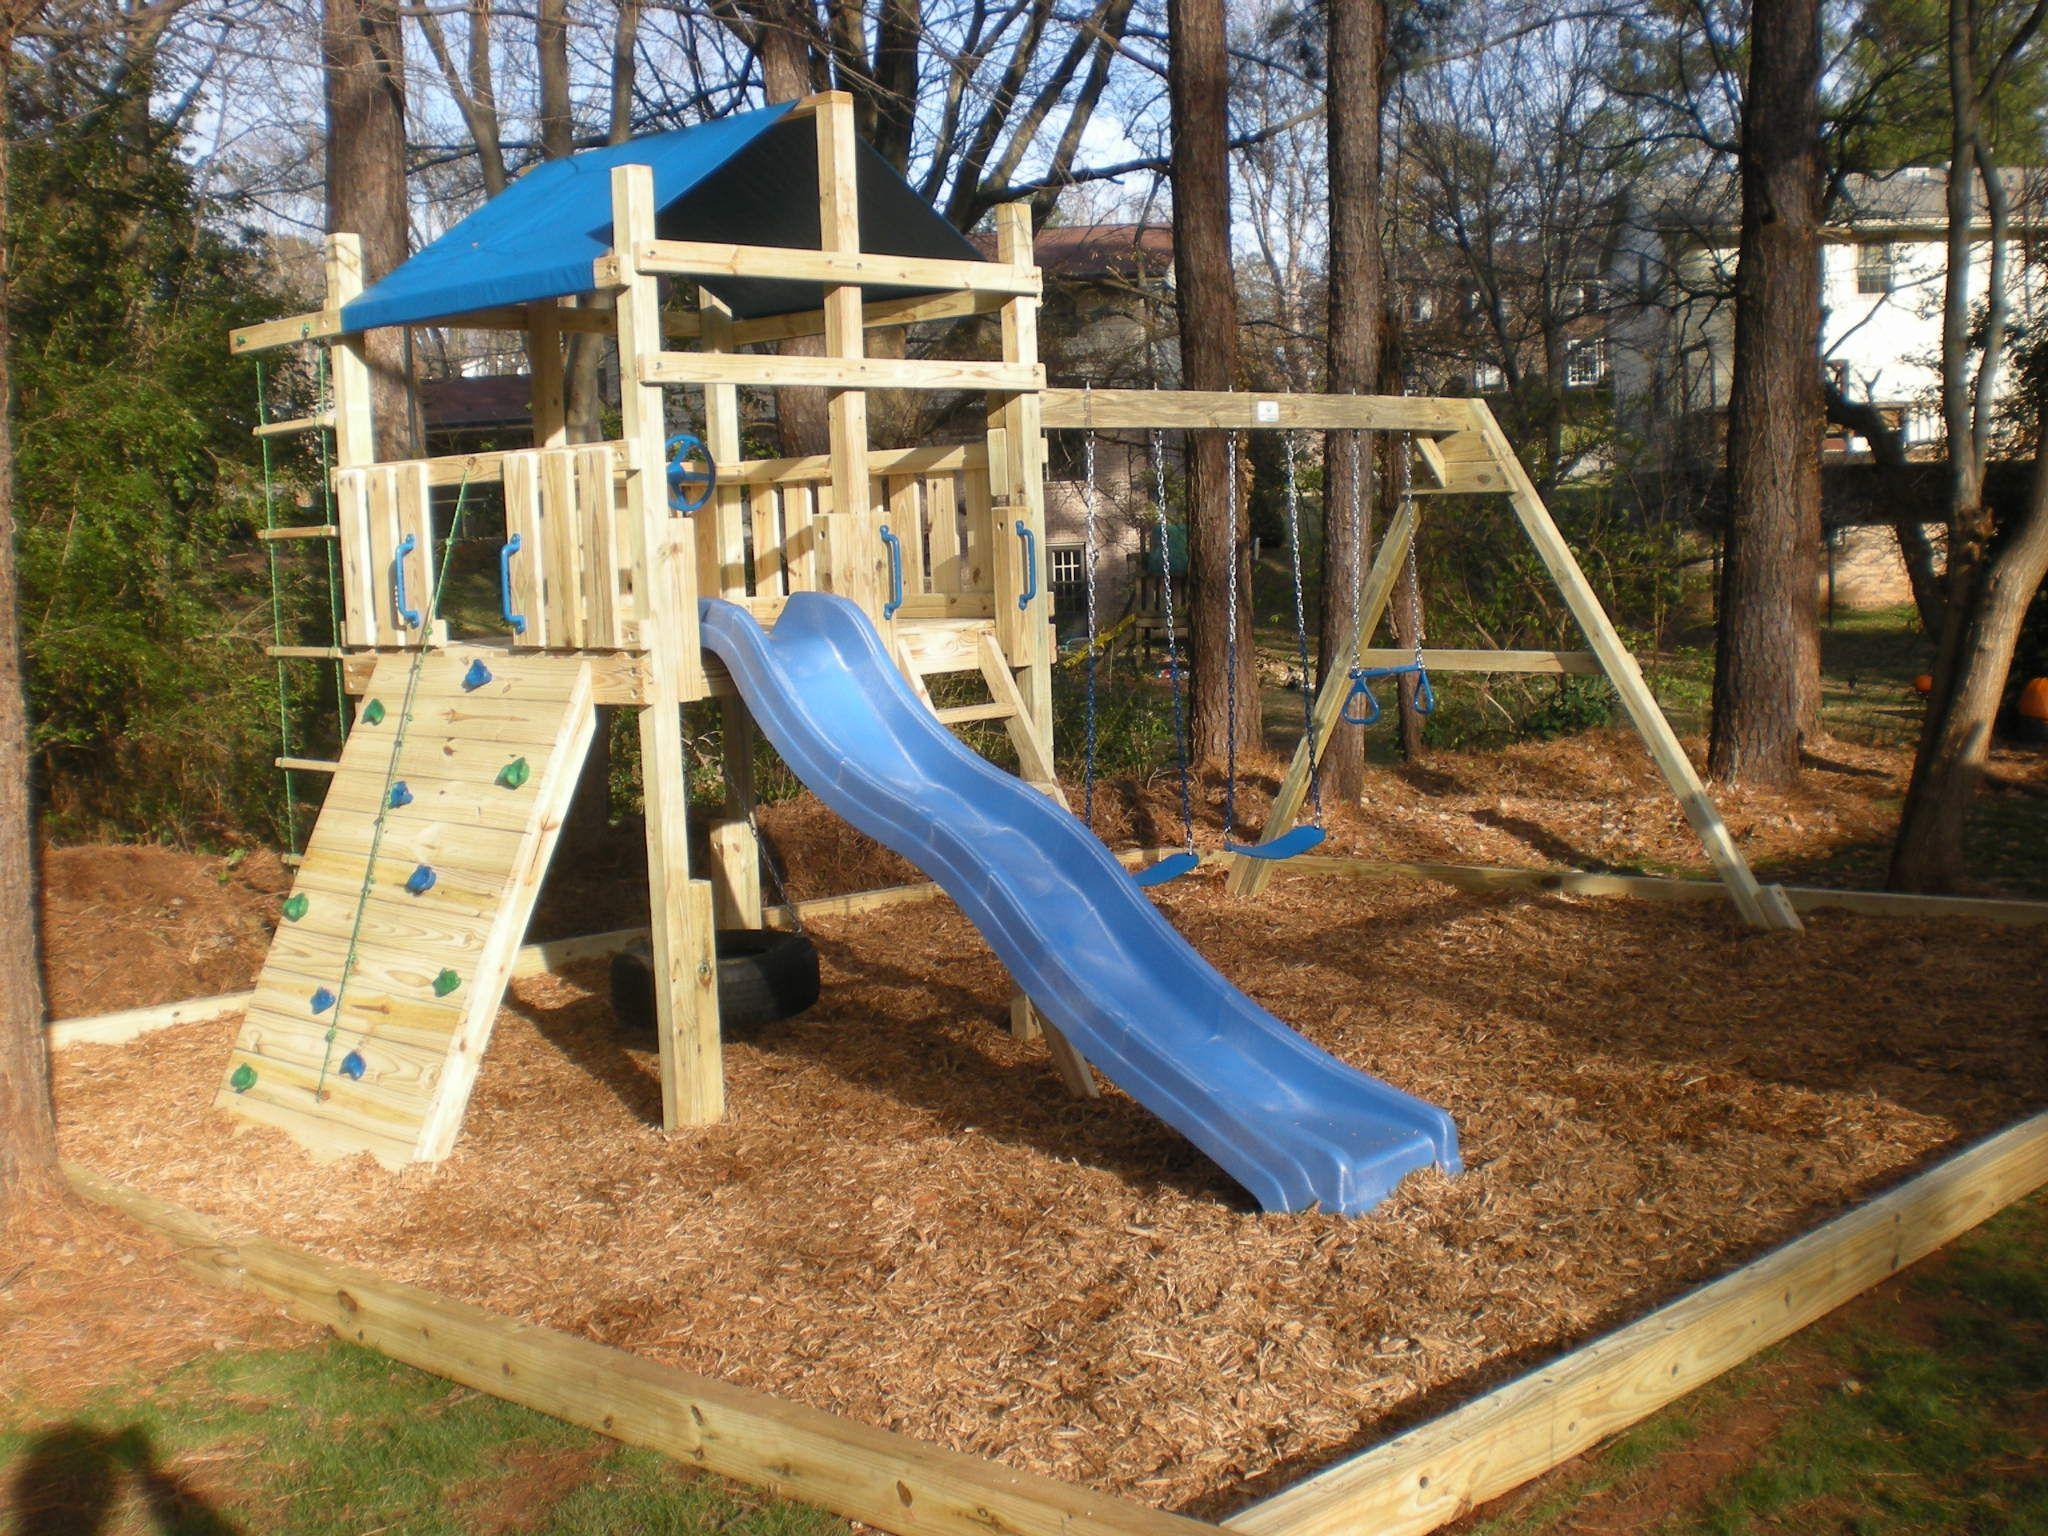 Backyard Play Structure backyard play structure | outdoor ideas | pinterest | backyard play